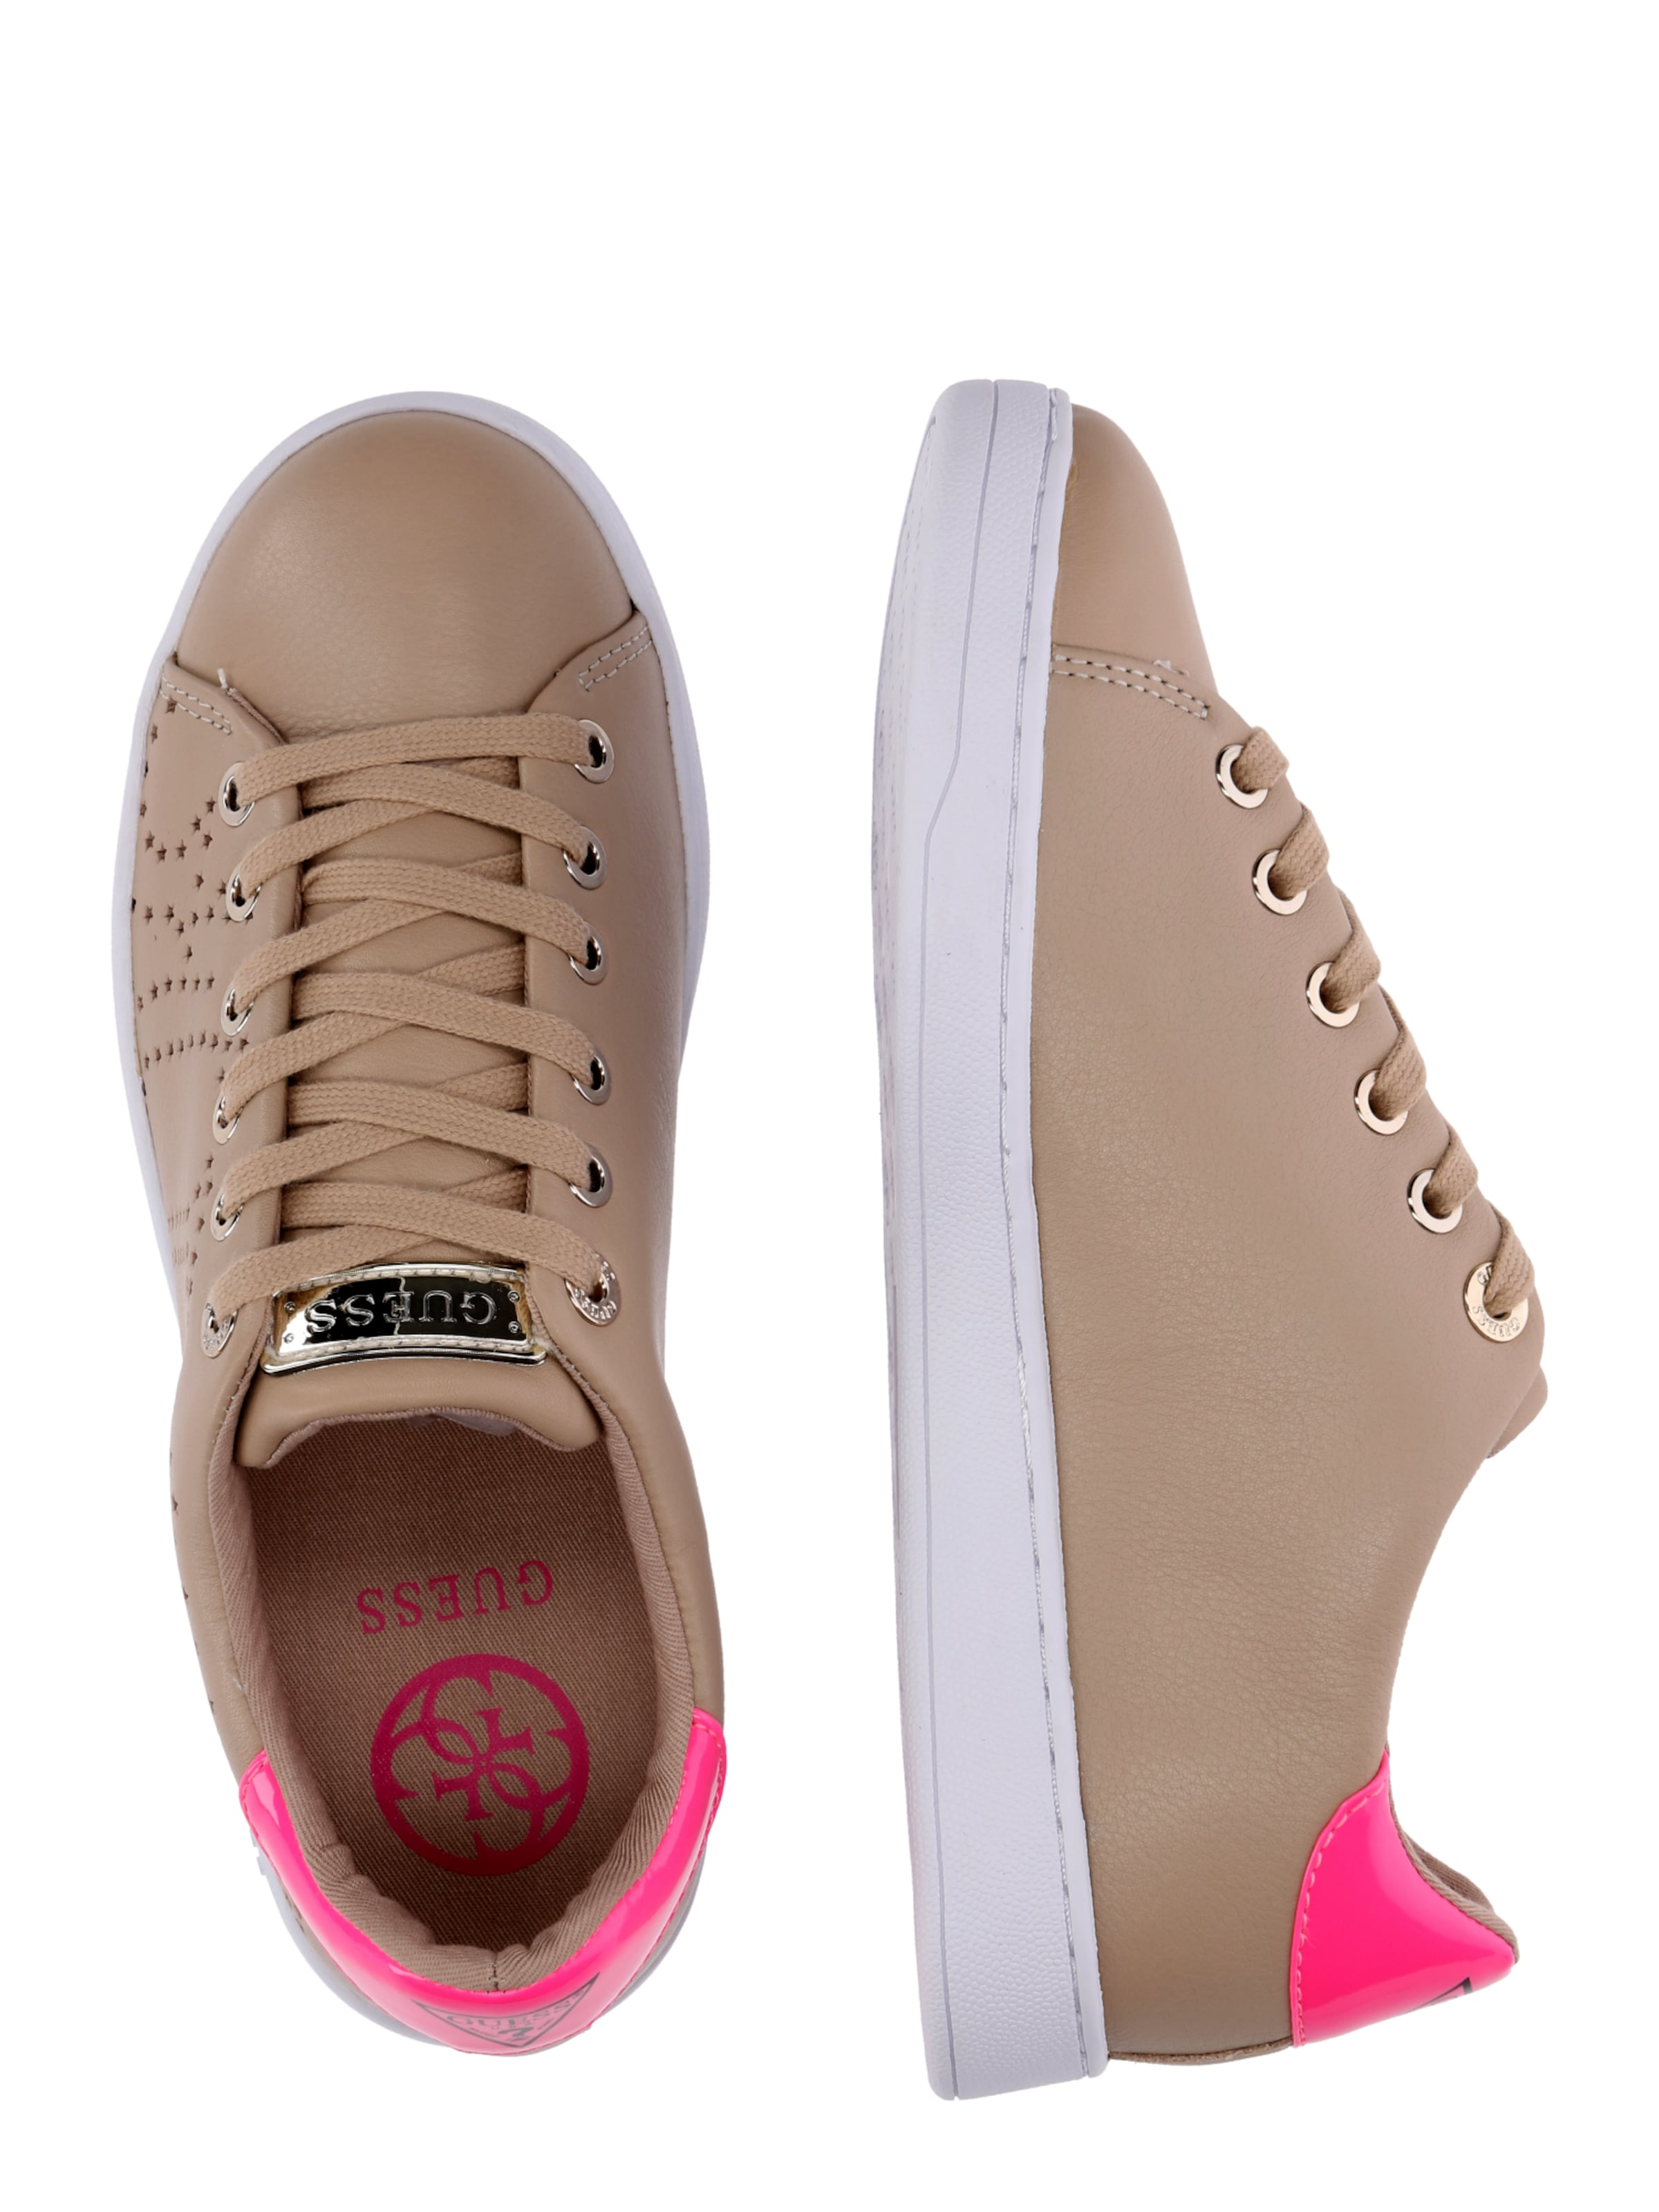 Guess Sneaker 'carterr2' Hellbeige Guess Hellbeige In In Guess Sneaker 'carterr2' R5q3AjL4